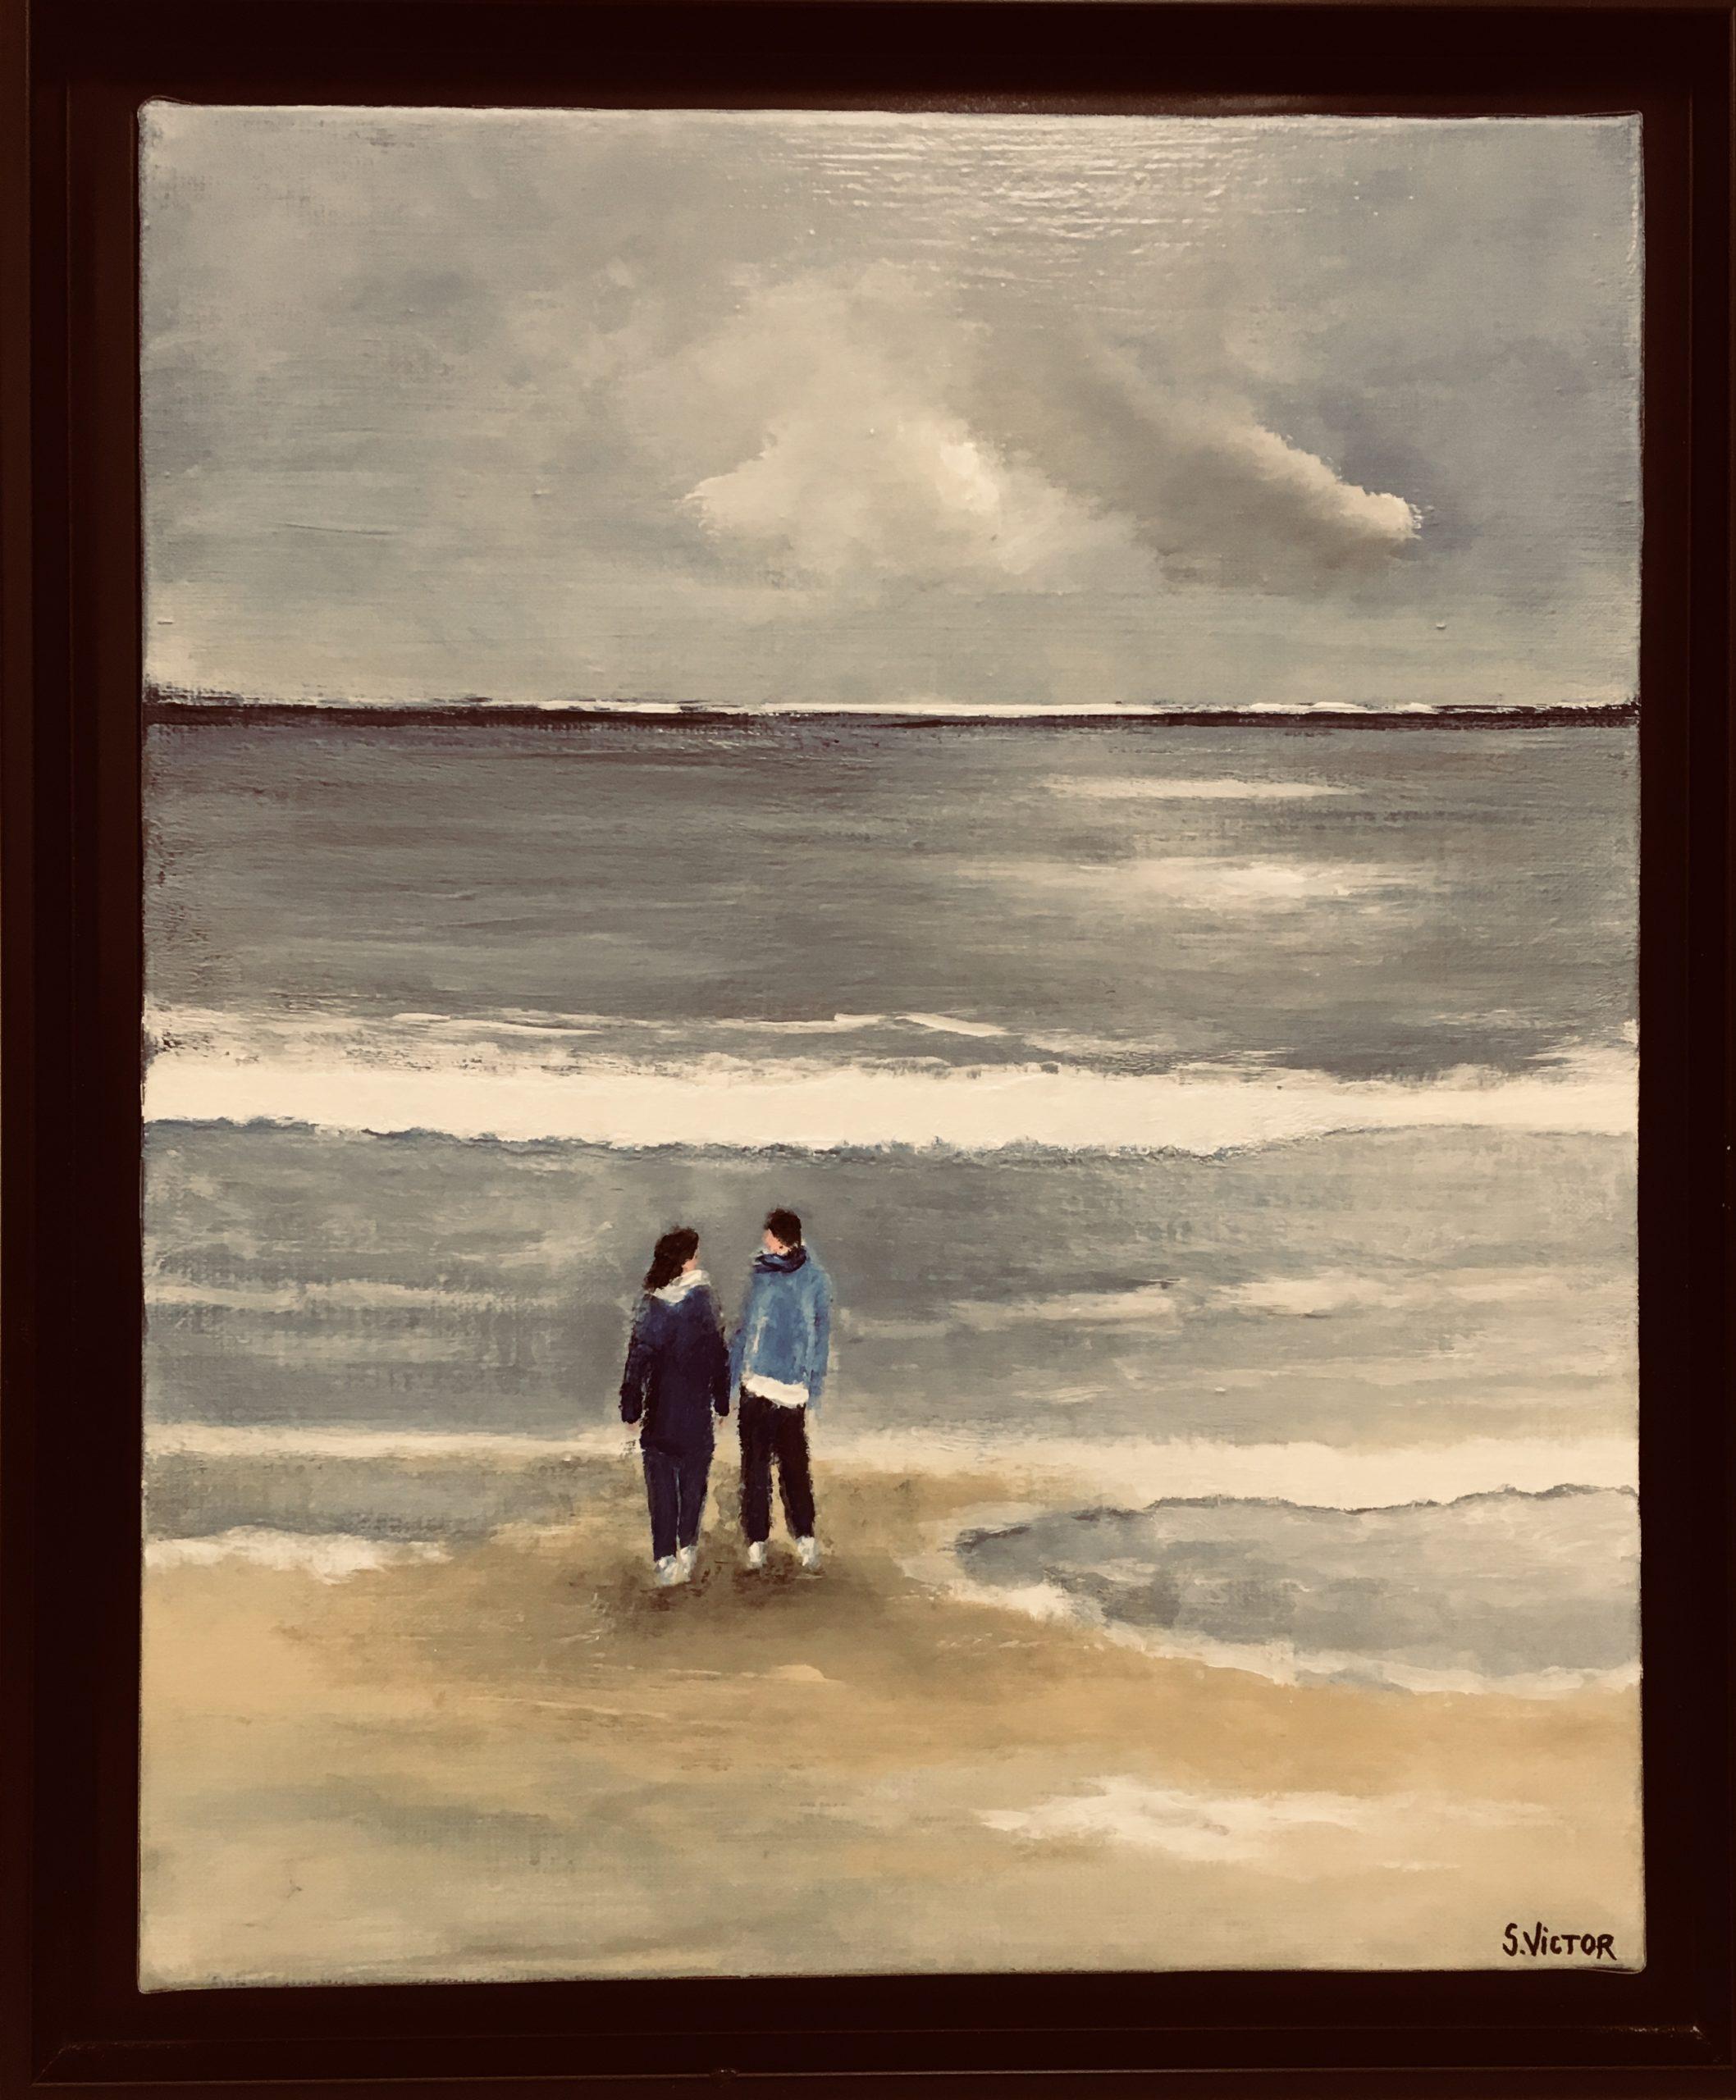 Les pieds dans l'eau - Acrylique sur toile - 33cm x 41cm